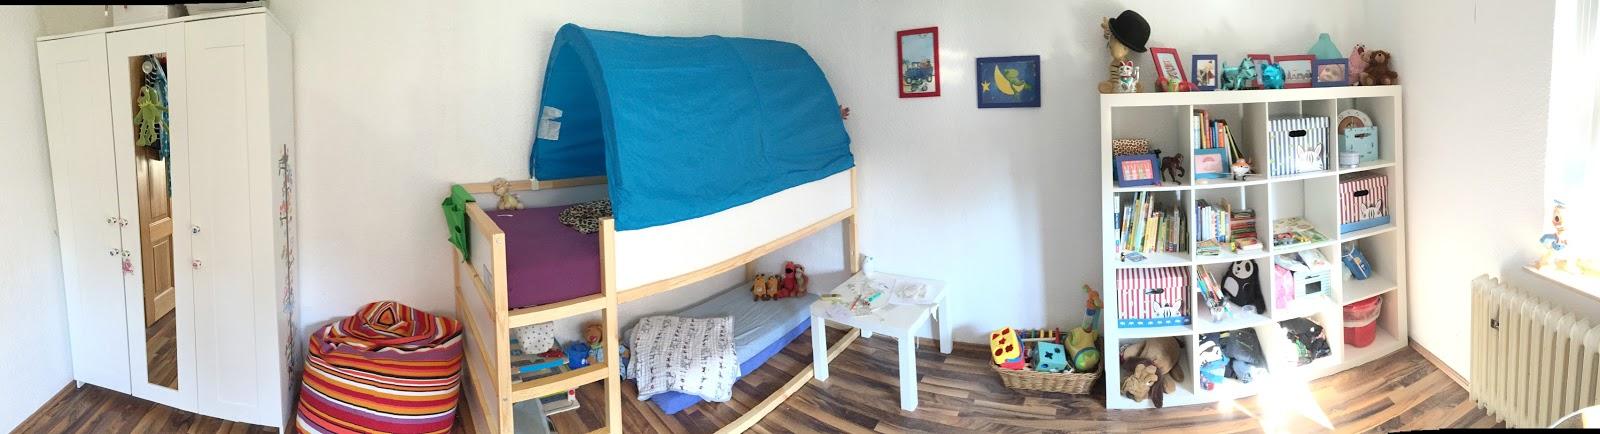 Kugelfisch blog der mamablog aus dem rheinland - Kinderzimmer fur 2 kinder ...